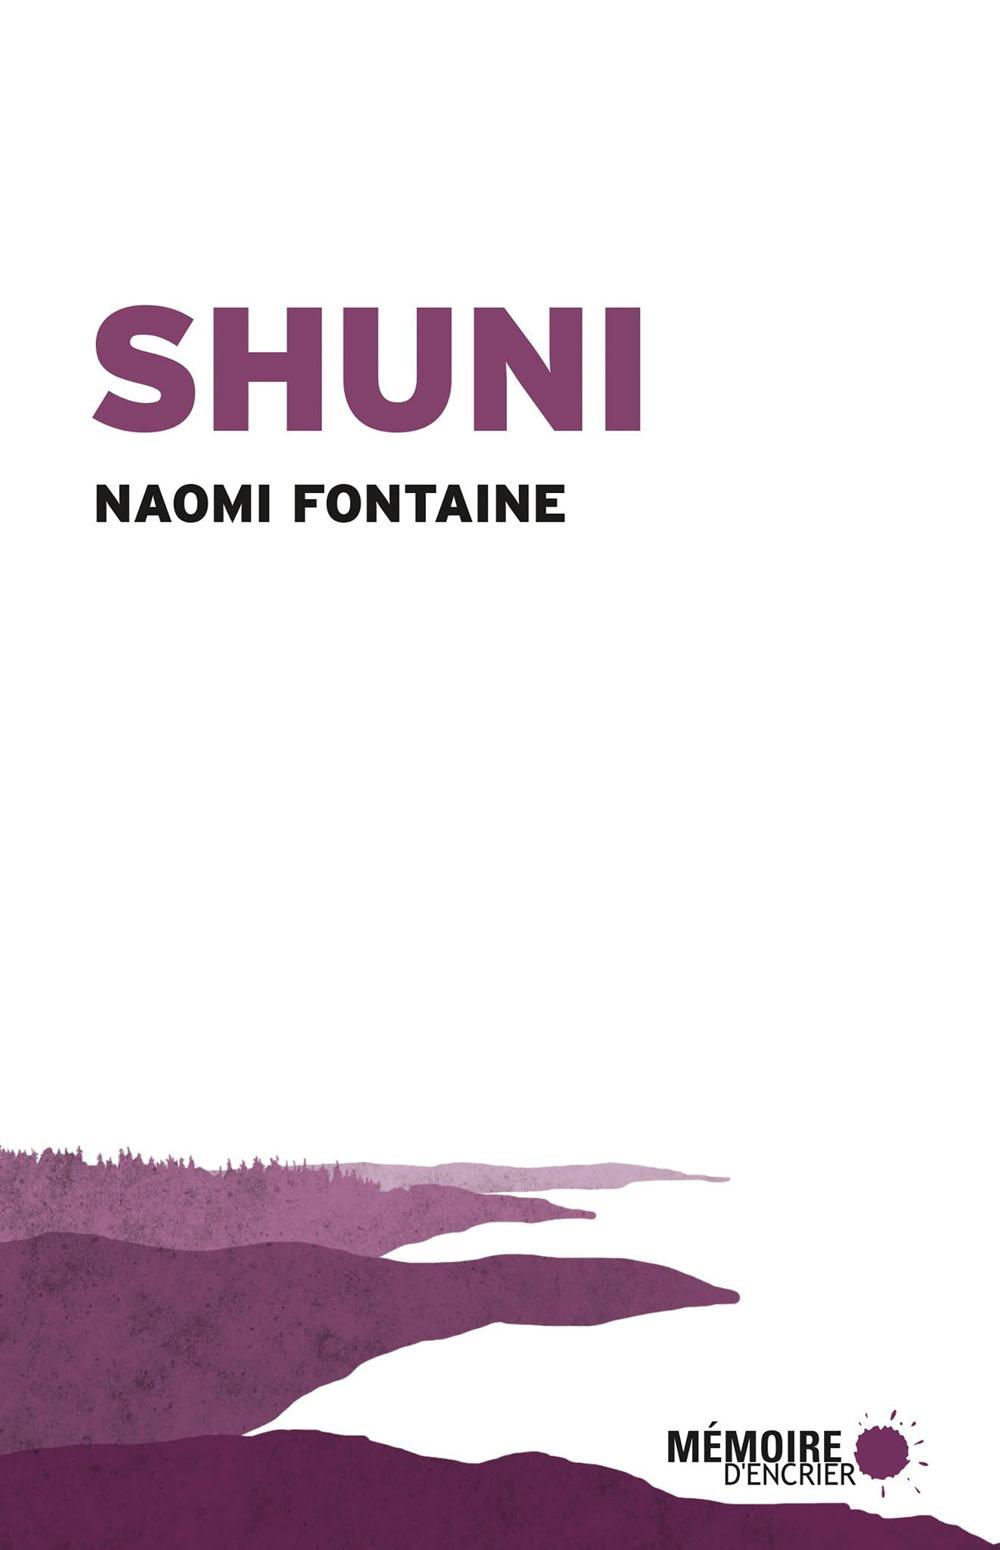 Shuni - Naomi Fontaine, publié en 2019